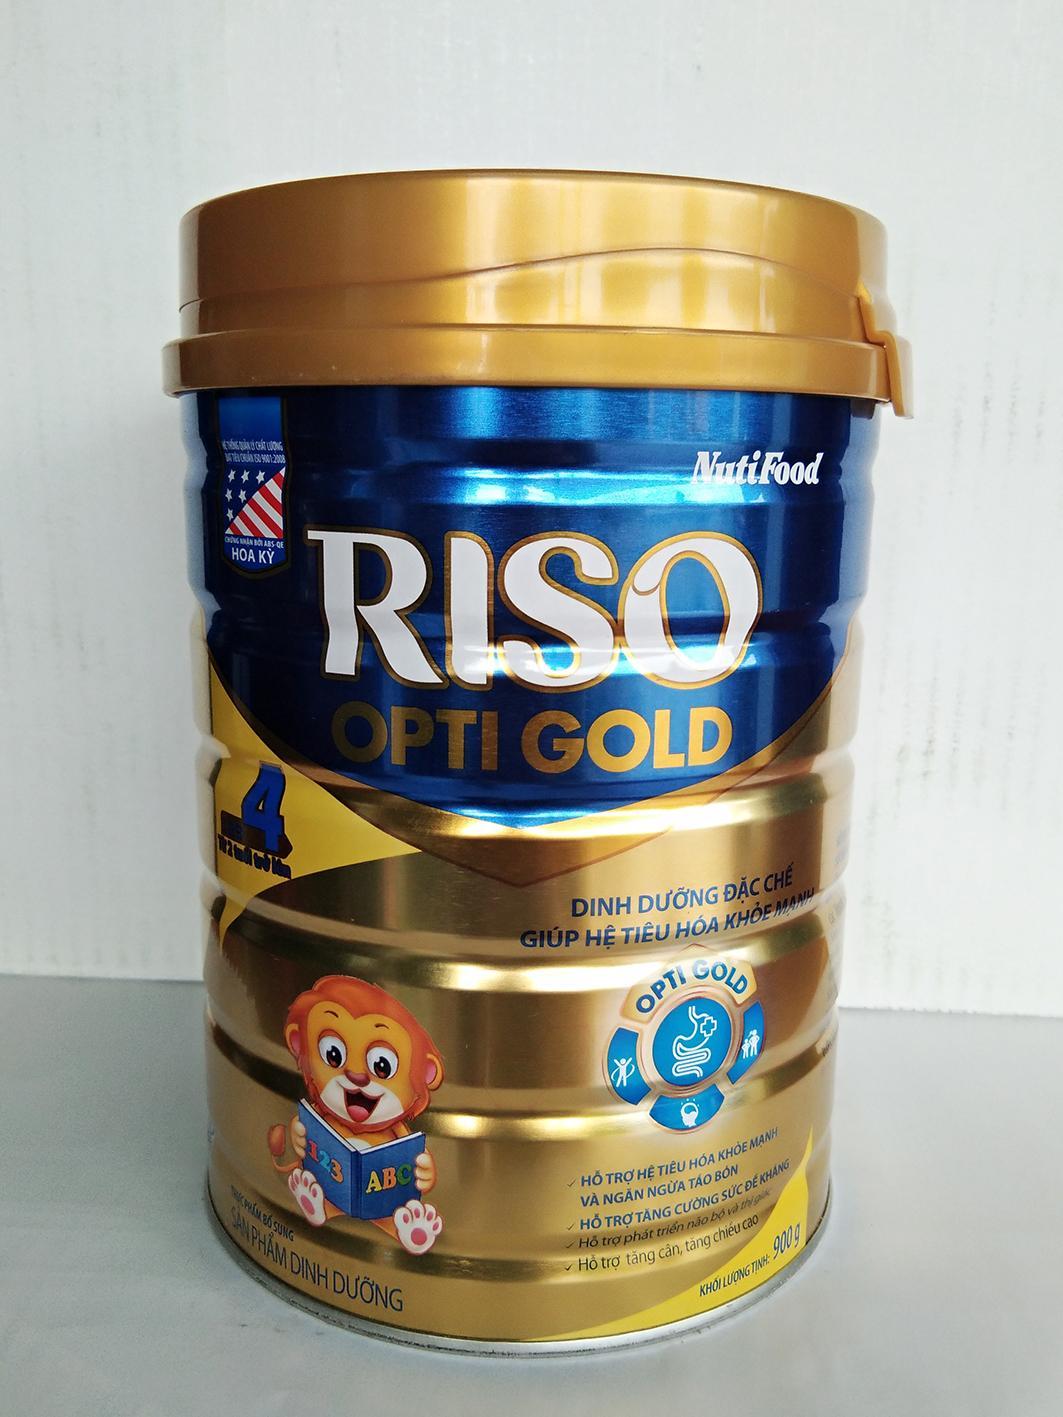 Sữa bột Riso Opti Gold số 4 900g Dinh Dưỡng Đặc Chế Giúp Tiêu Hóa Khỏe Mạnh